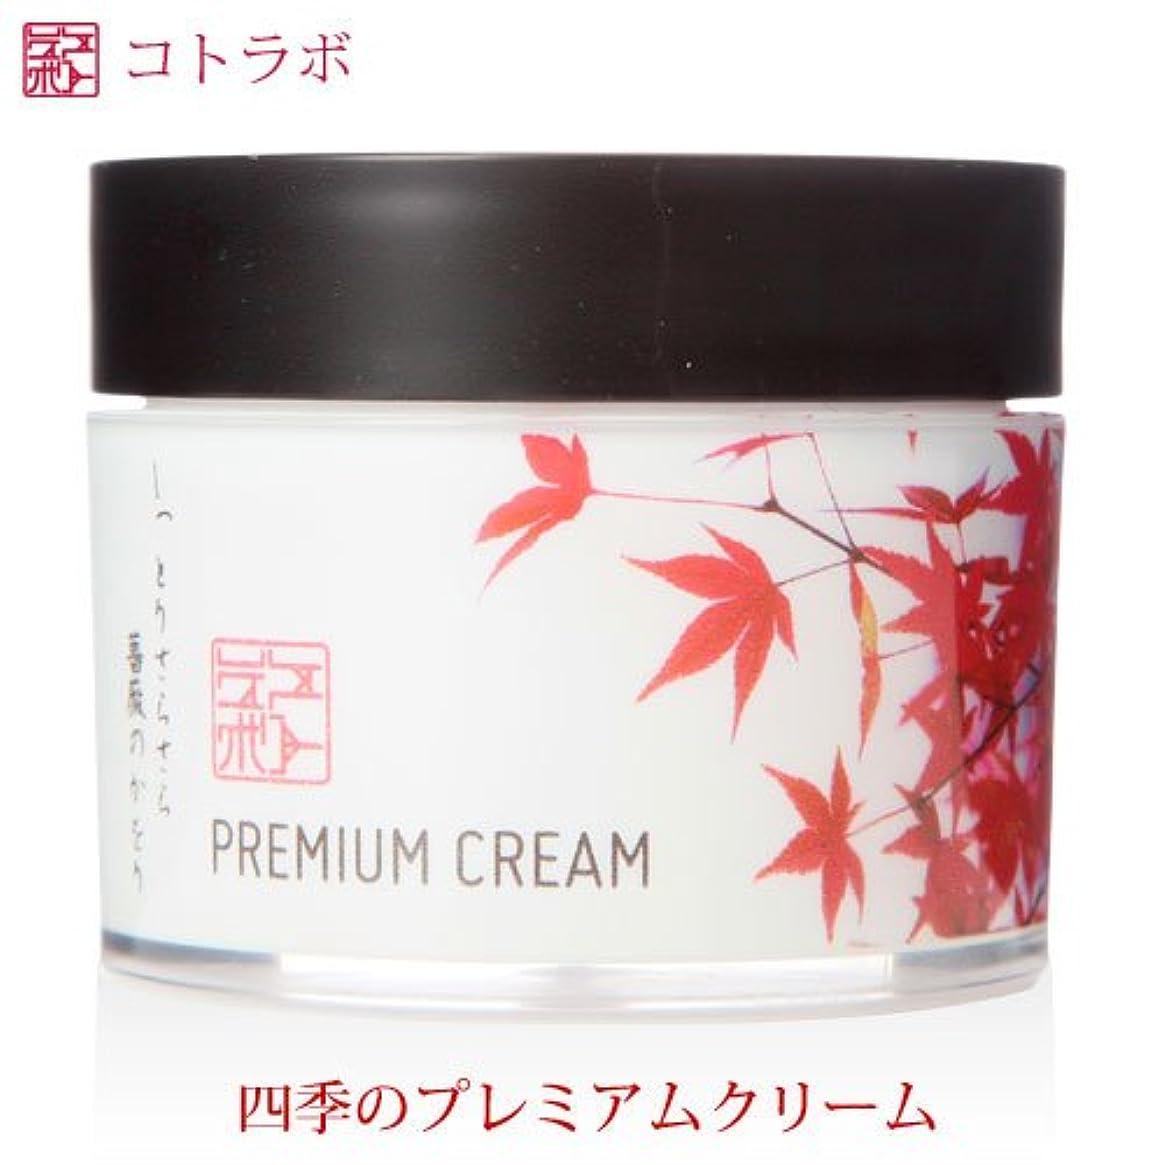 カポック便利さドラゴンコトラボ 四季のプレミアムクリーム秋薔薇の香り50g